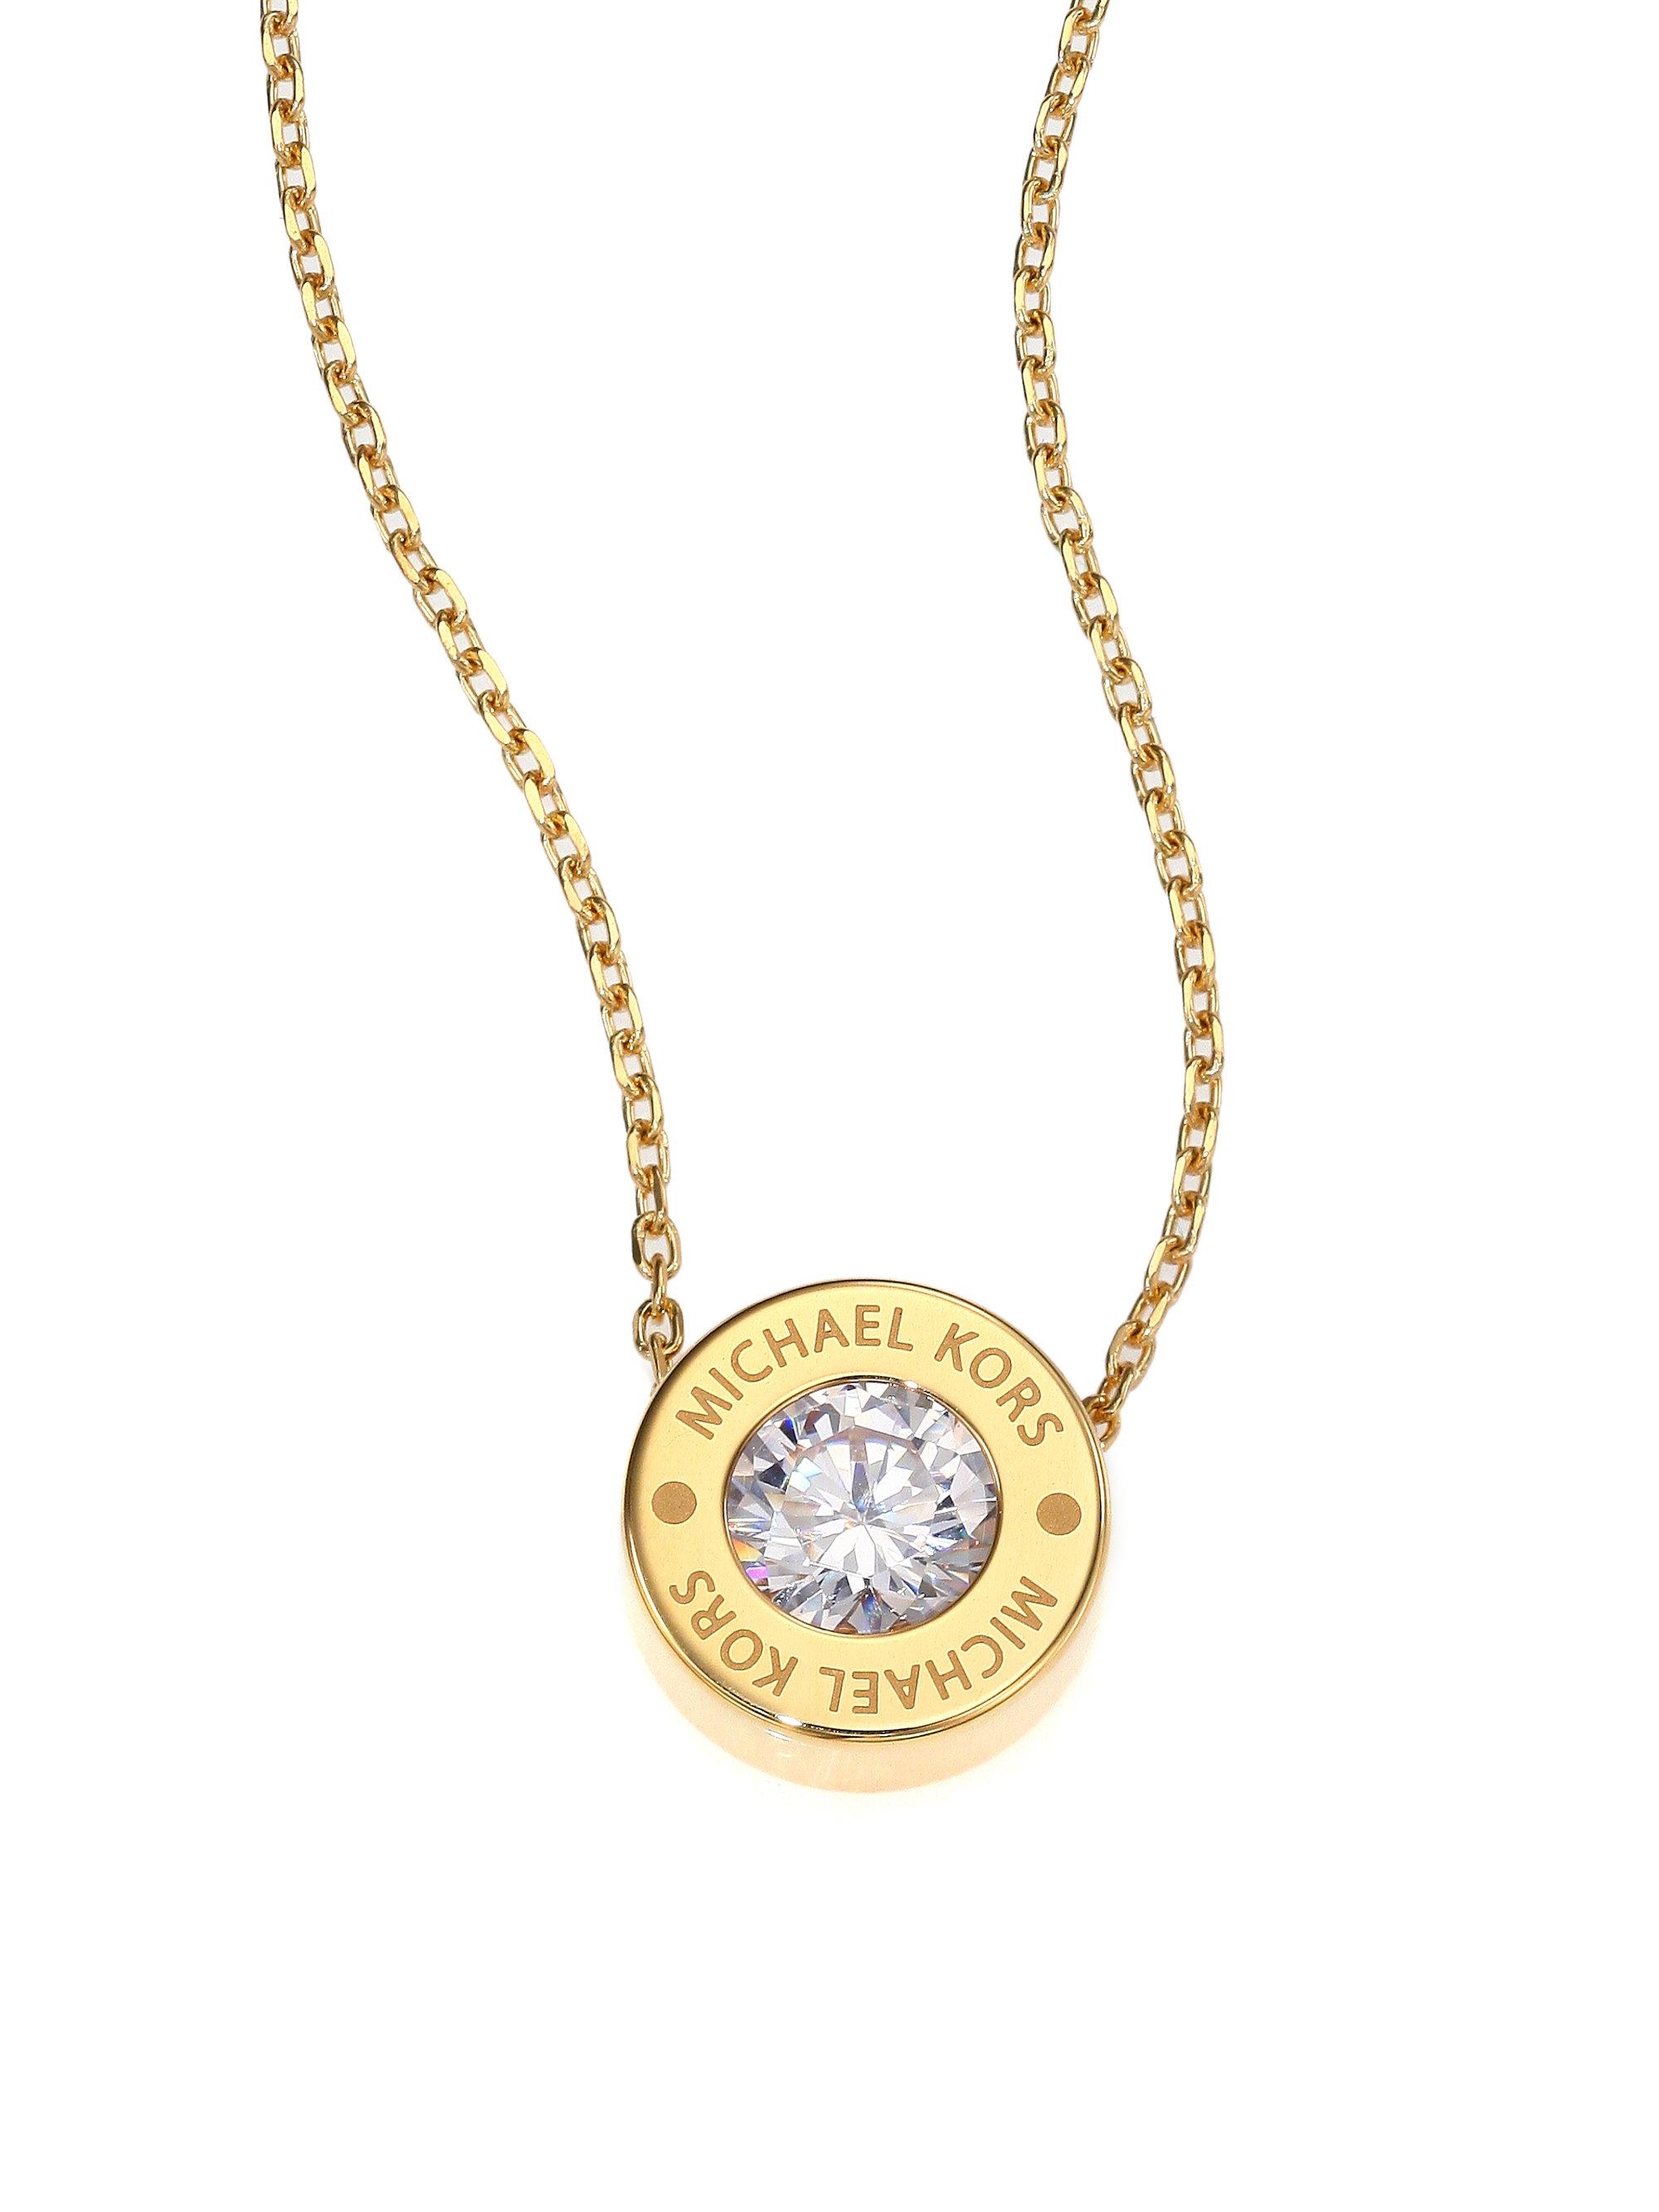 michael kors brilliance logo pendant necklace goldtone in. Black Bedroom Furniture Sets. Home Design Ideas